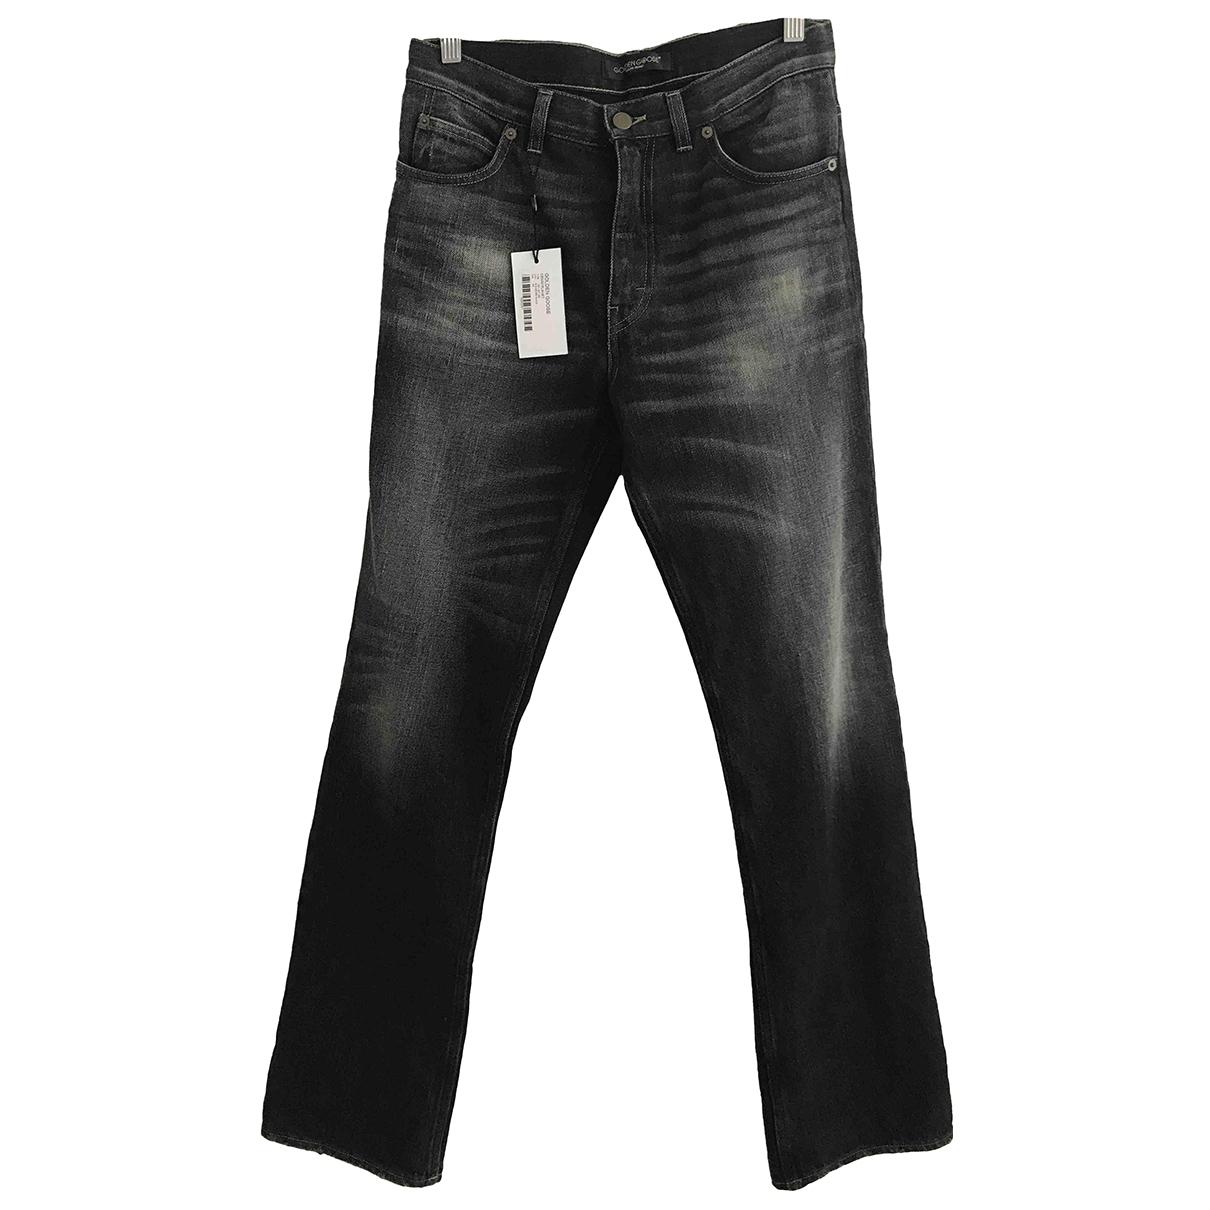 Golden Goose \N Black Cotton Jeans for Men 38 - 40 FR